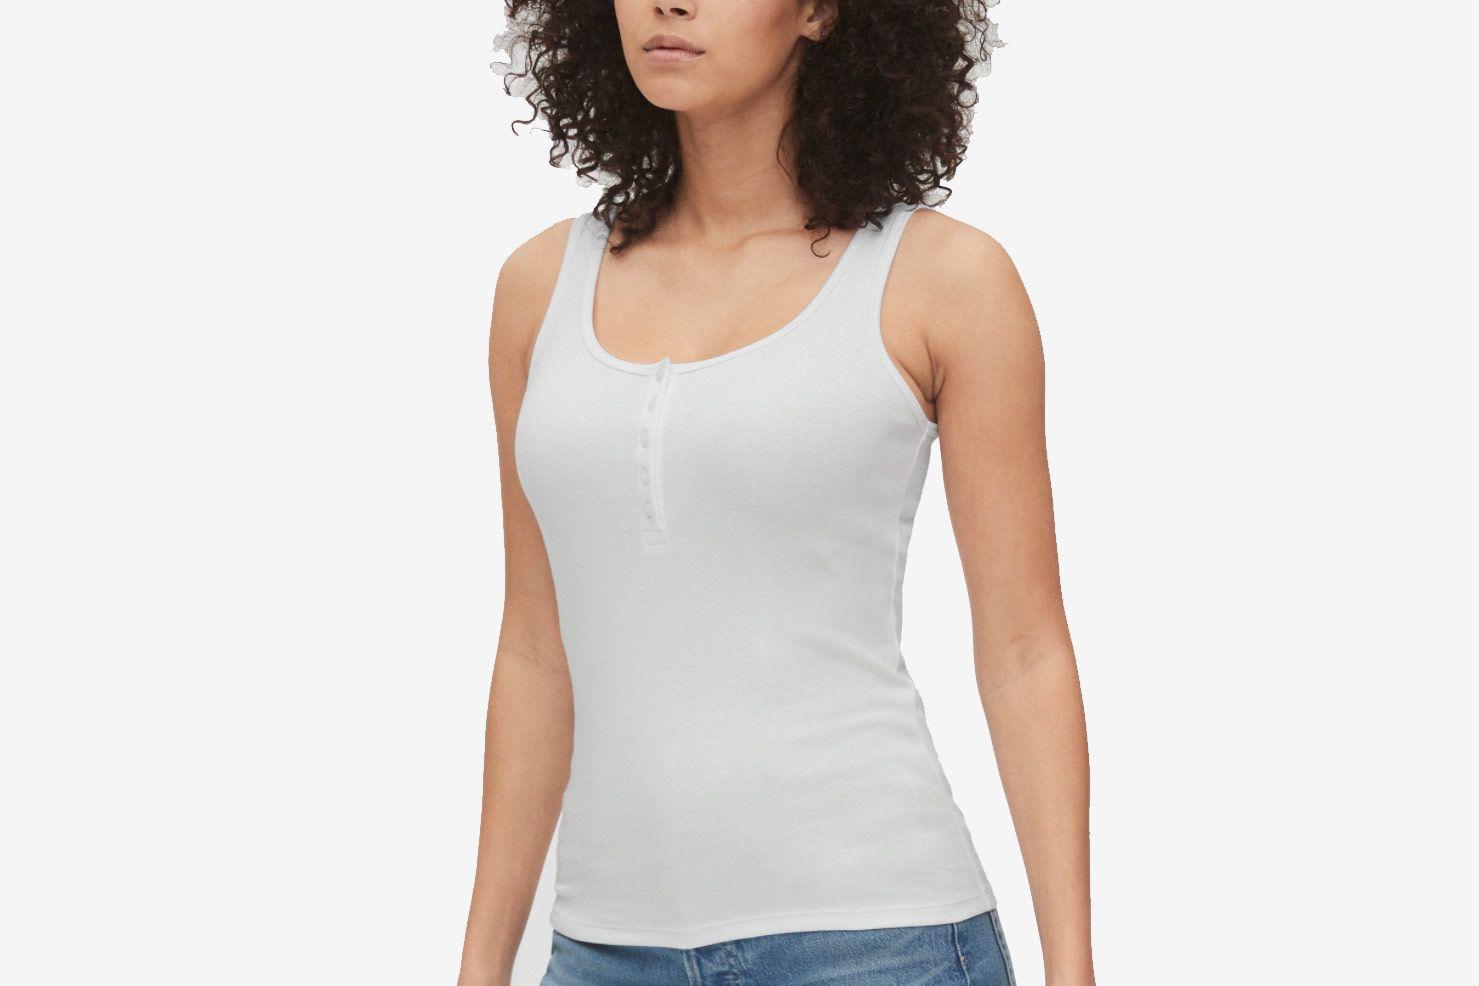 Pack of 3 Ladies Plain Stretch Cotton Vest Lace Trim Camisole Tank Top 3 Colours